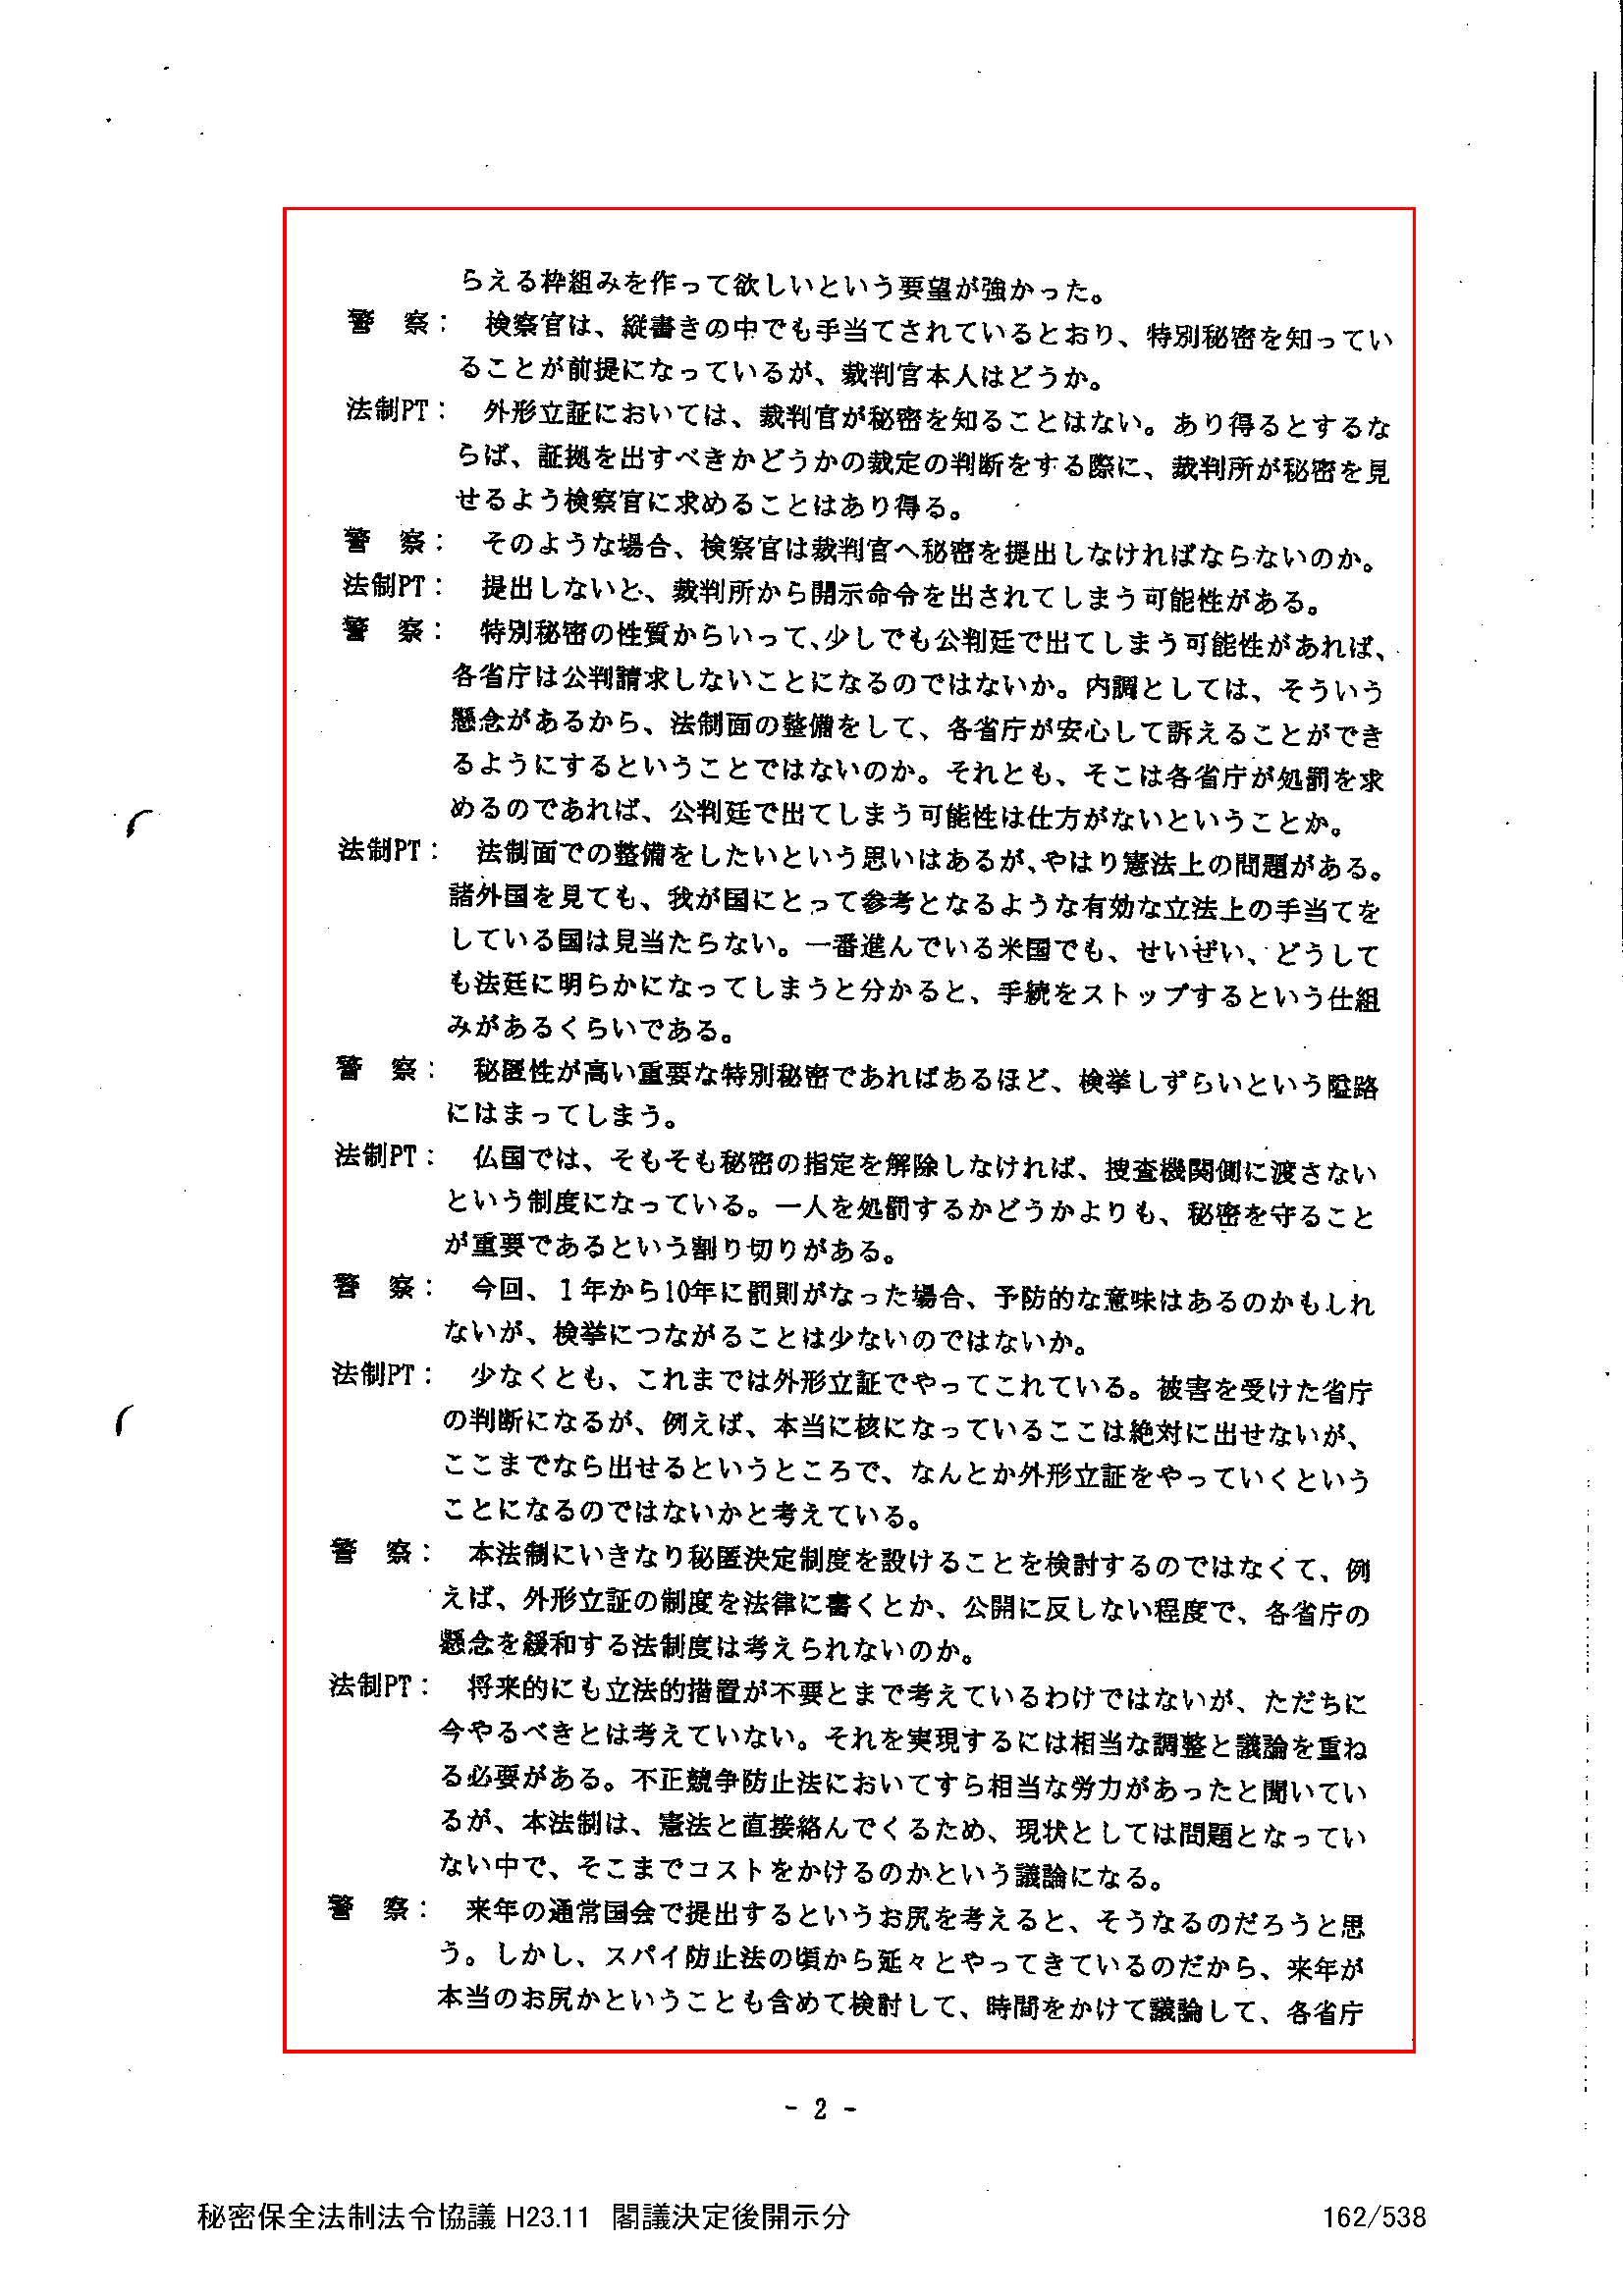 秘密保護法情報公開訴訟通信(8) 12月19日の弁論準備期日のご報告_d0011701_16272741.jpg